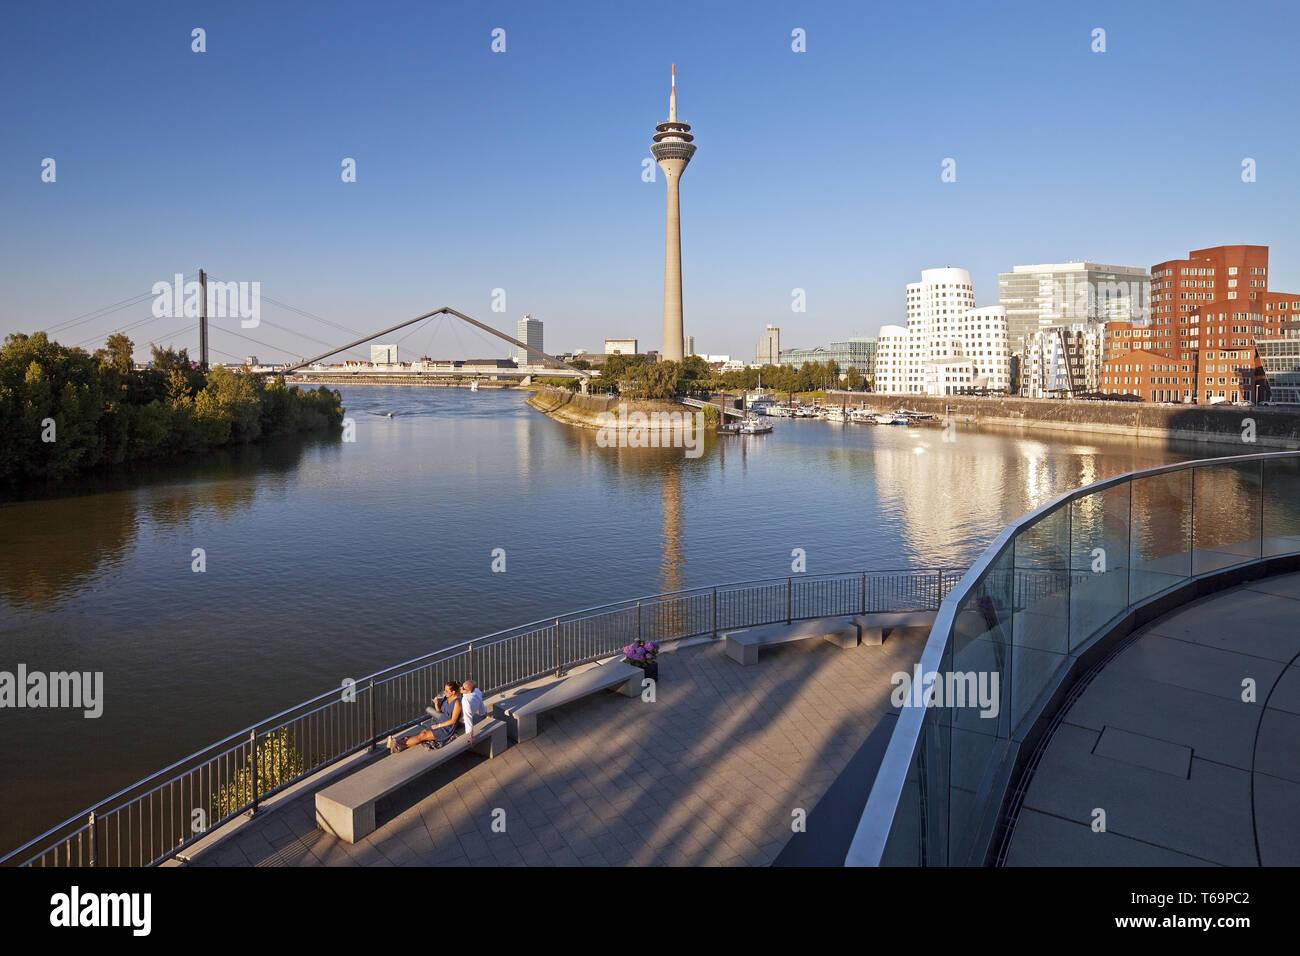 Restaurante en la terraza con vistas a la torre del Rin y los edificios de Gehry, Duesseldorf, Alemania Imagen De Stock